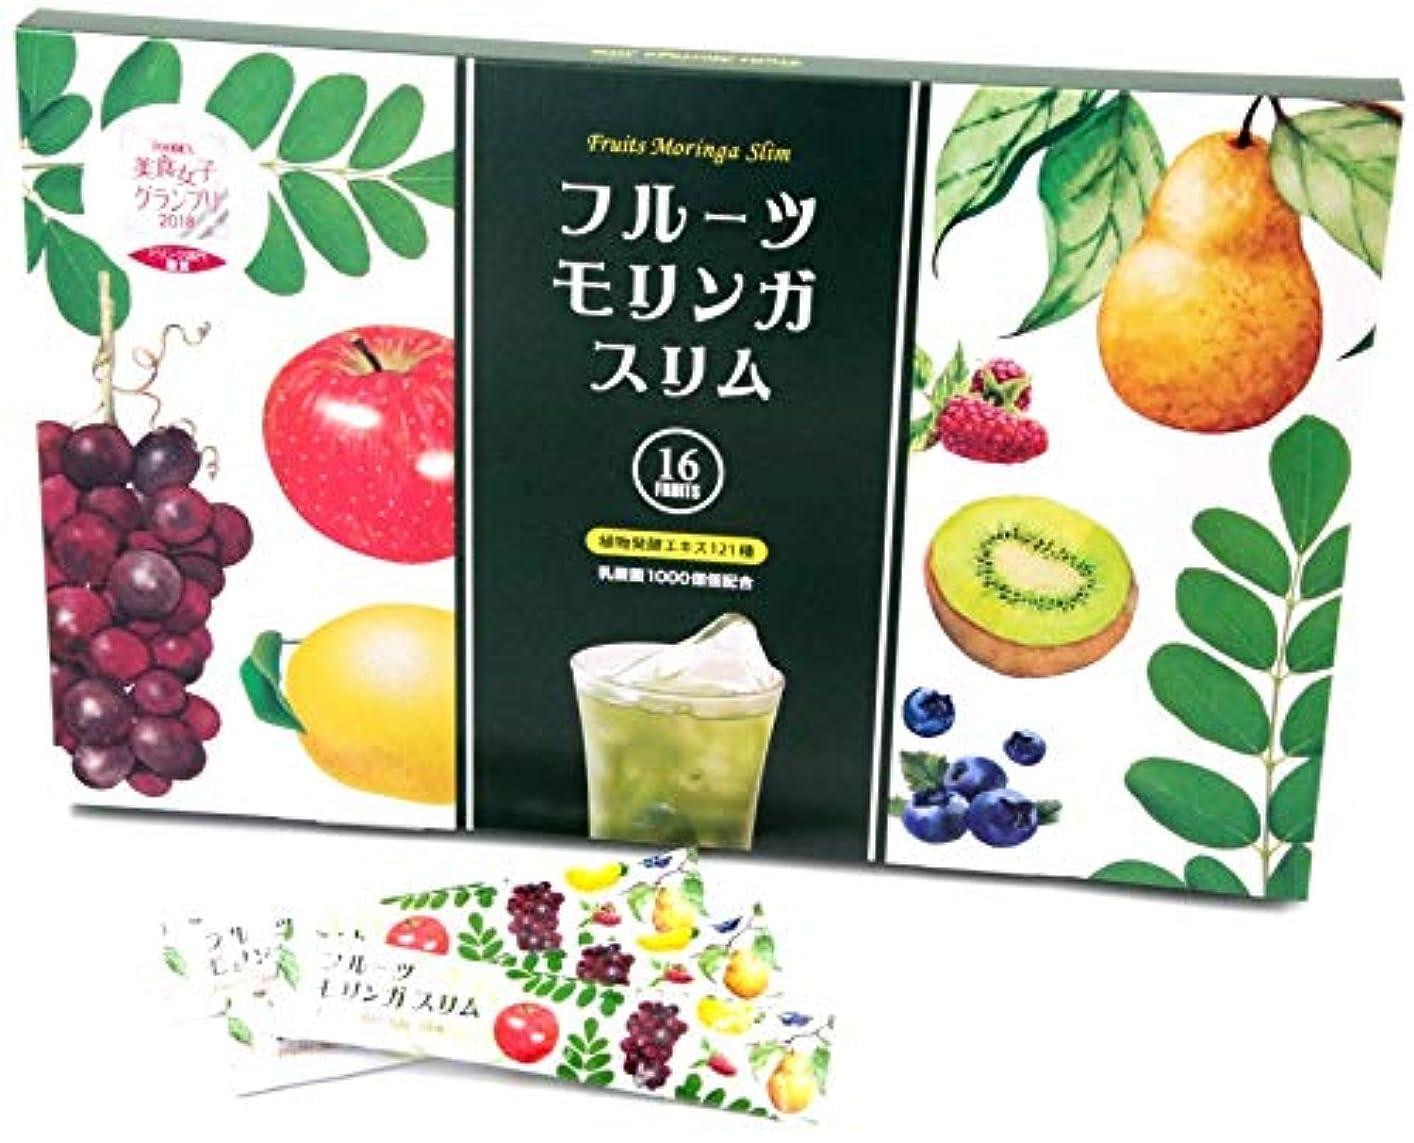 コーデリア合意食事を調理するフルーツ モリンガ 美容 健康 栄養 食習慣 ボディメイク 国産品 (1箱/3g×30包+シェーカー)